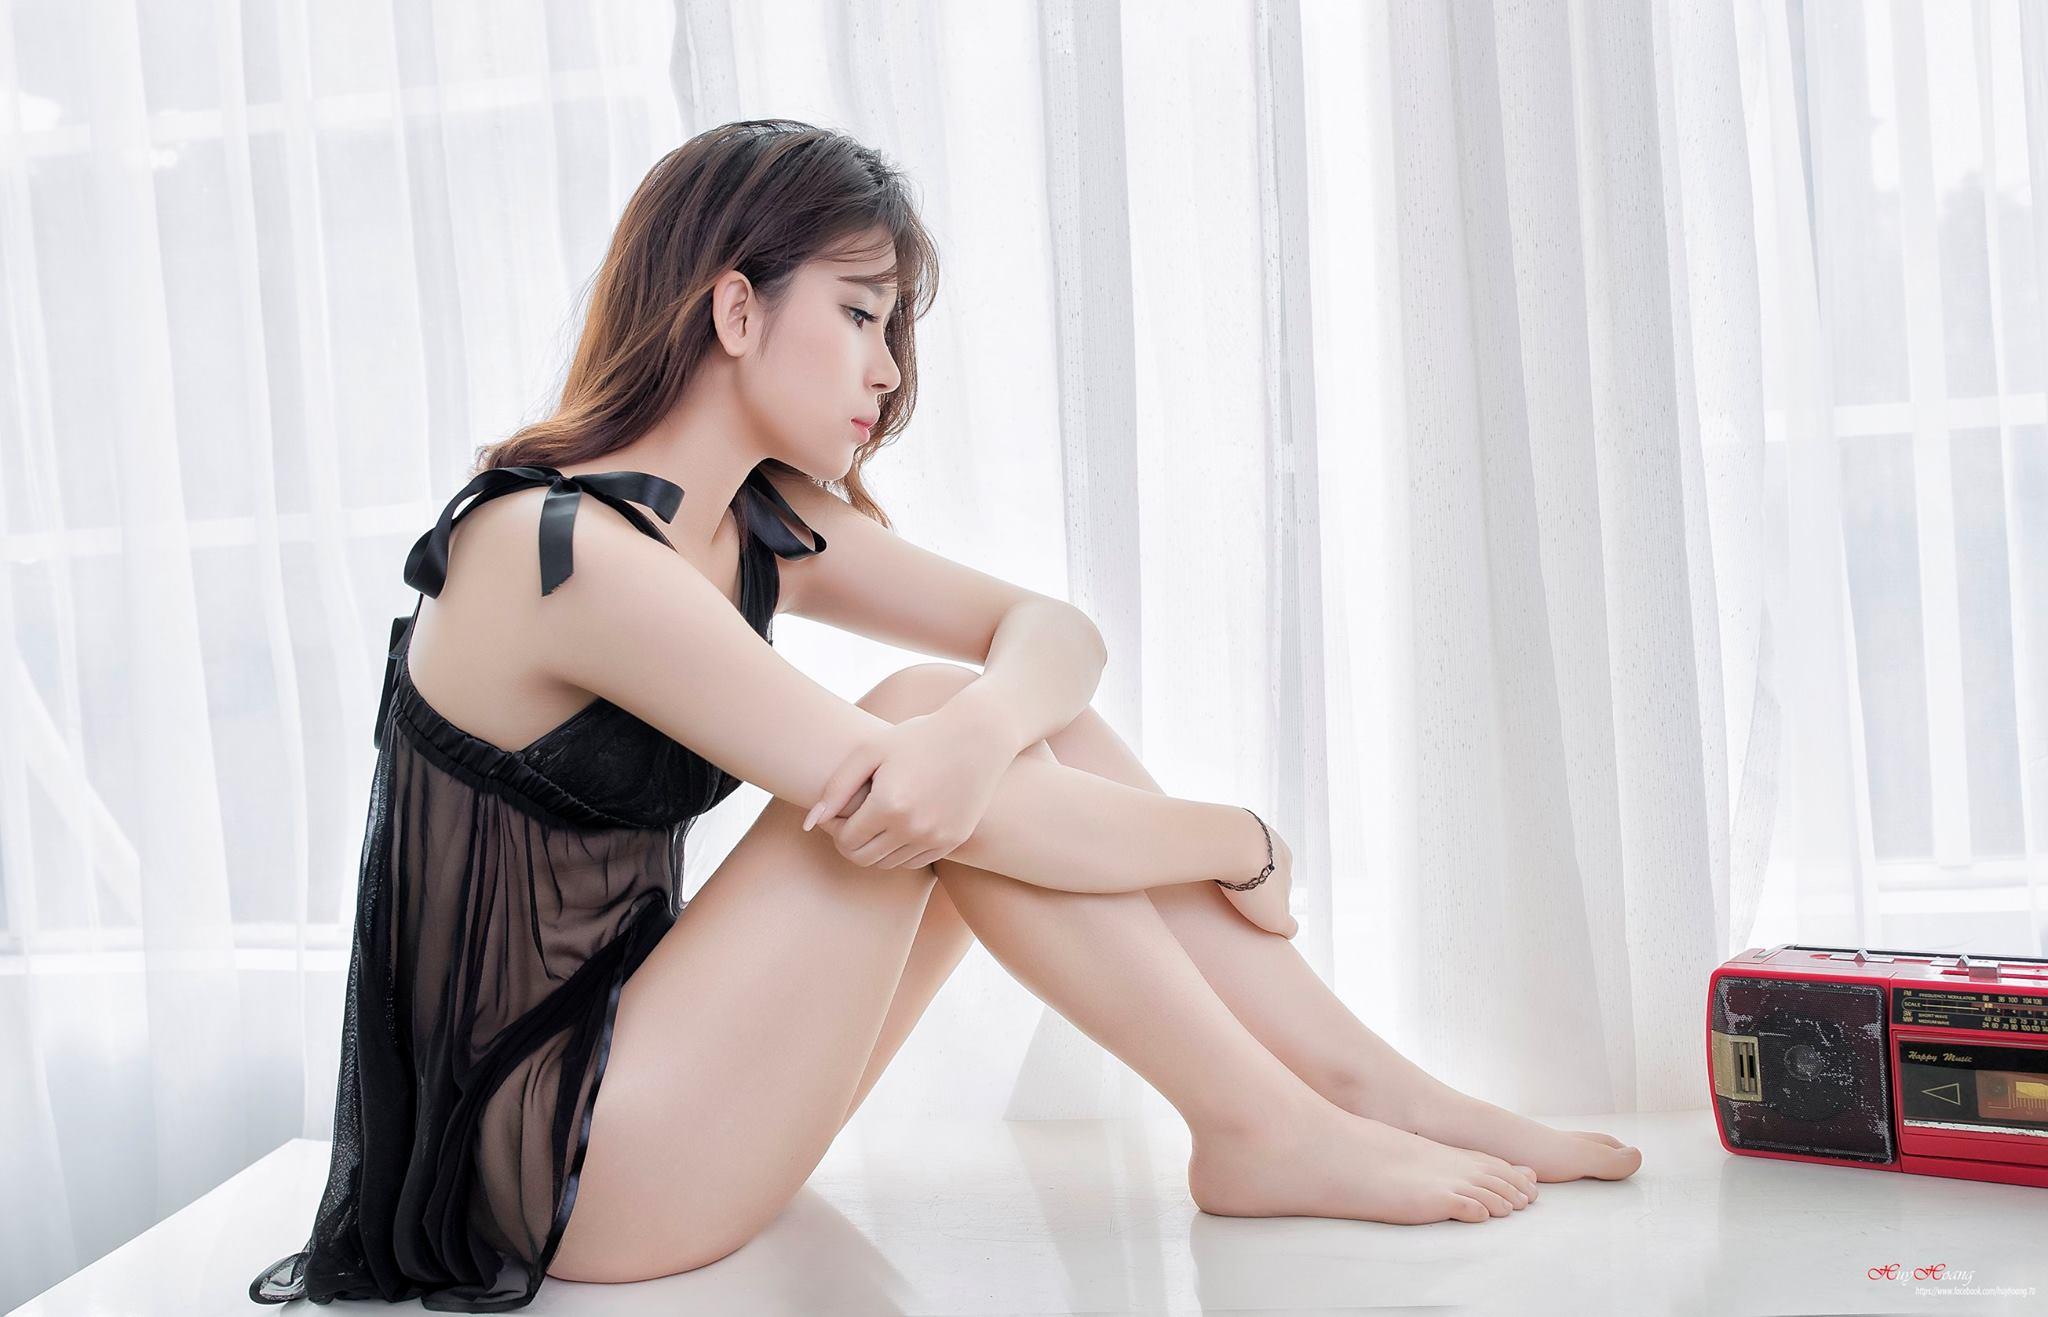 越南美少女《DIEM MY》 - 亞洲美女 -